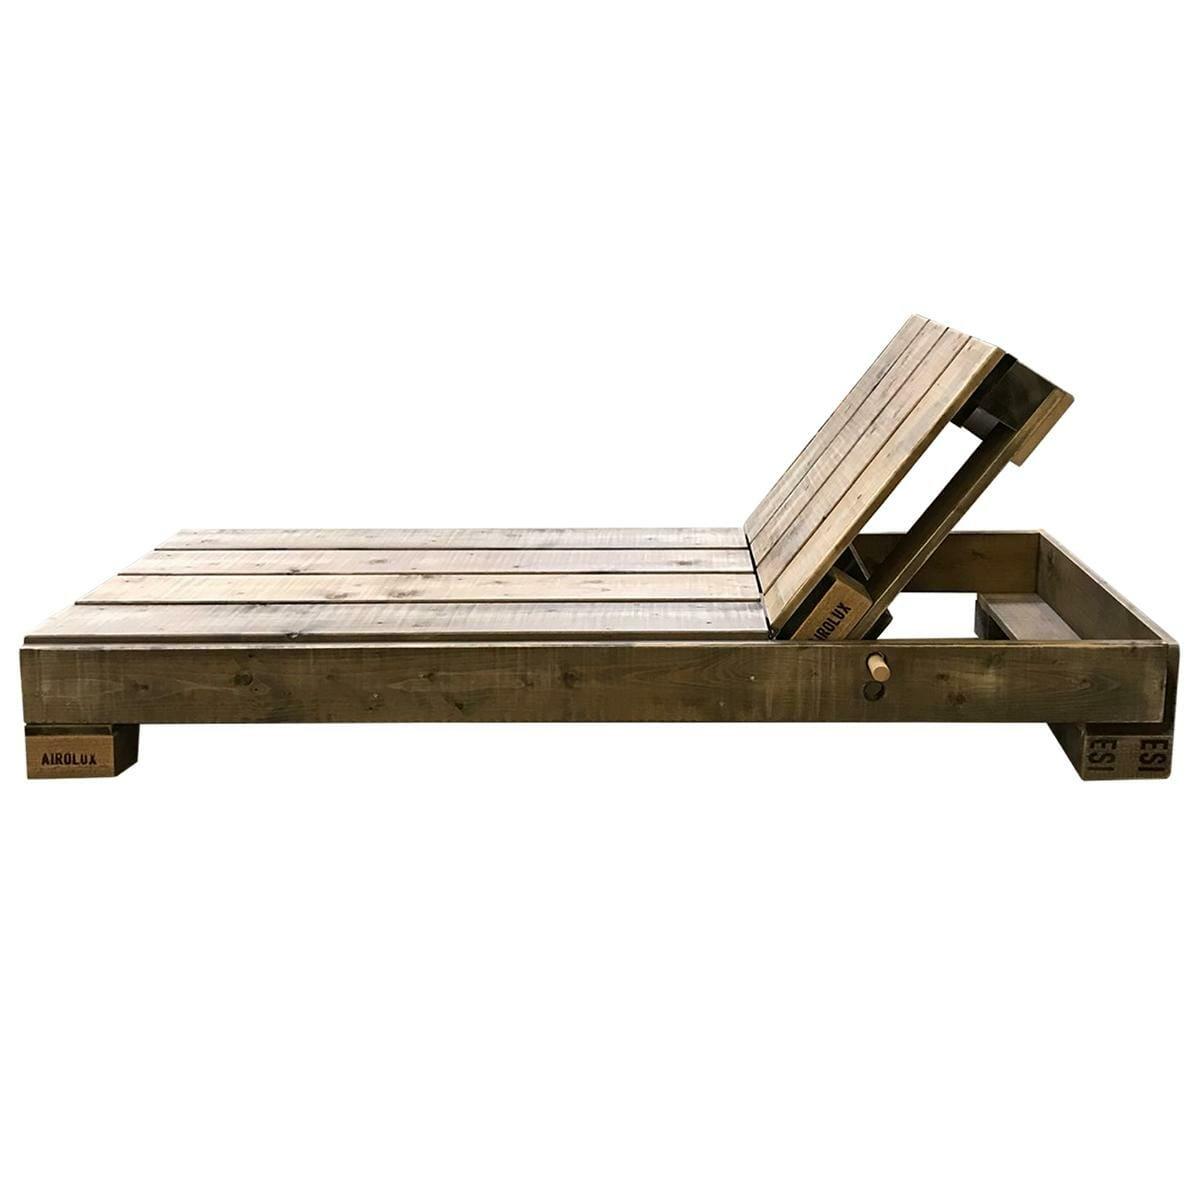 Berühmt Liege aus Paletten - Gartenliege selber bauen & kaufen | Palettenmöbel &SW_45